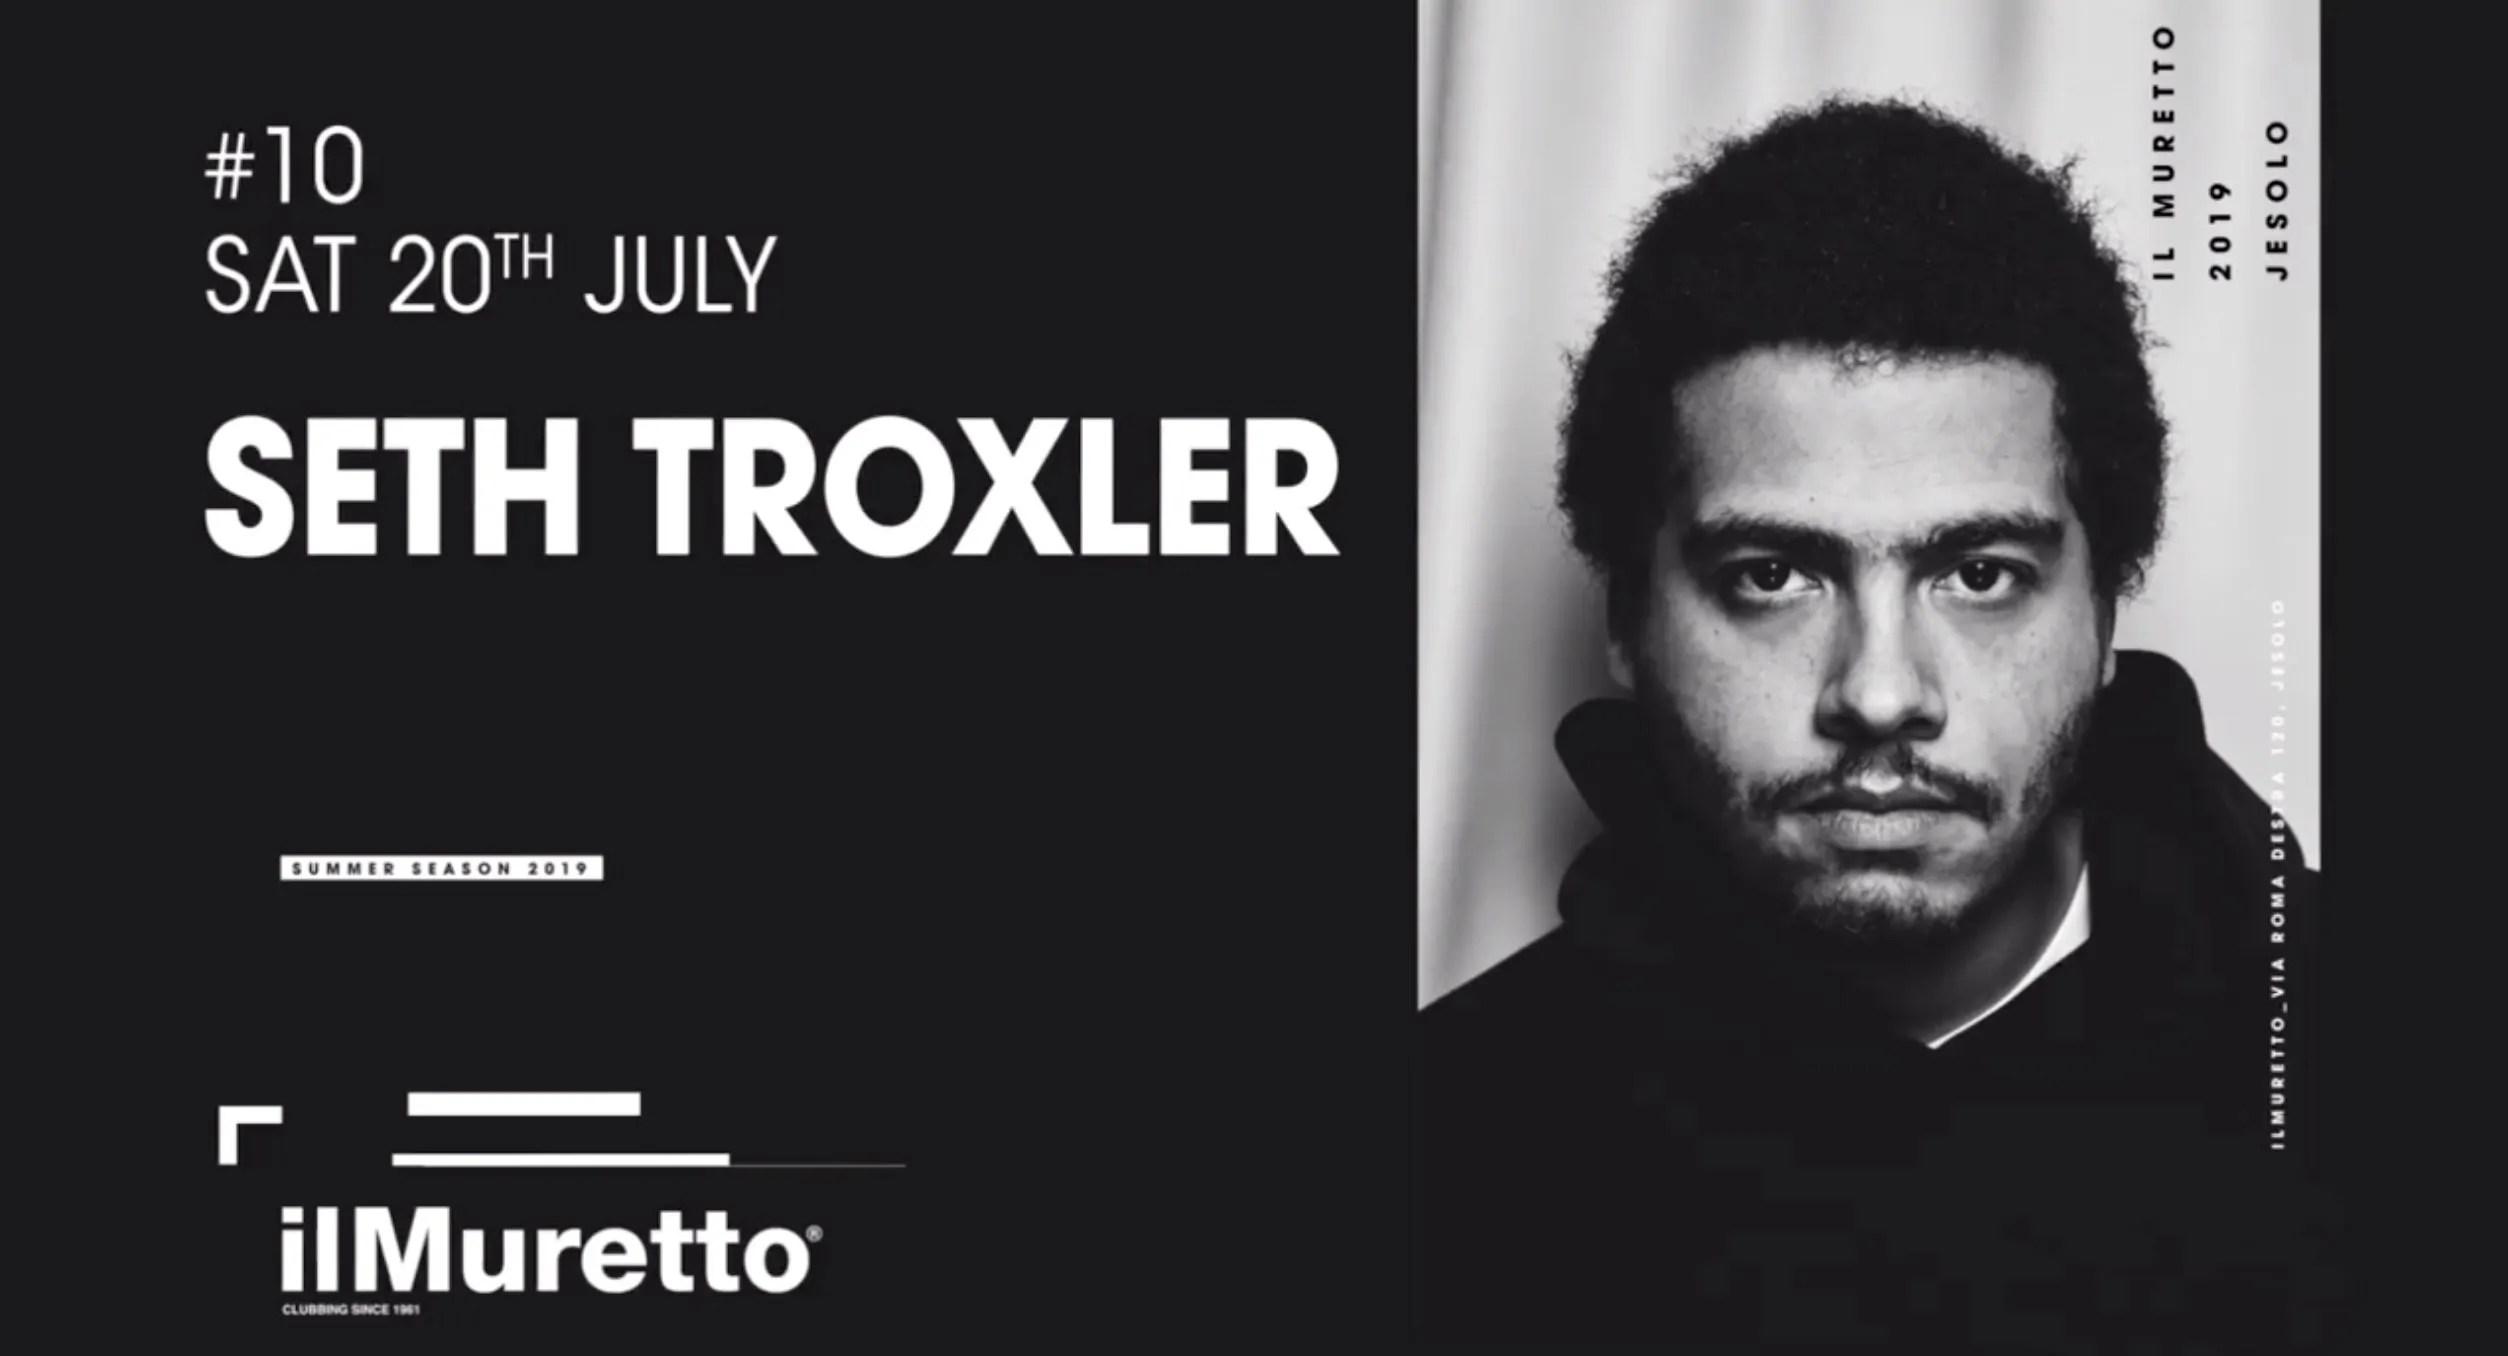 SETH TROXLER a Il Muretto Jesolo 20 Luglio 2019 + Prezzi Ticket in Prevendita Biglietti Tavoli Liste Pacchetti Hotel